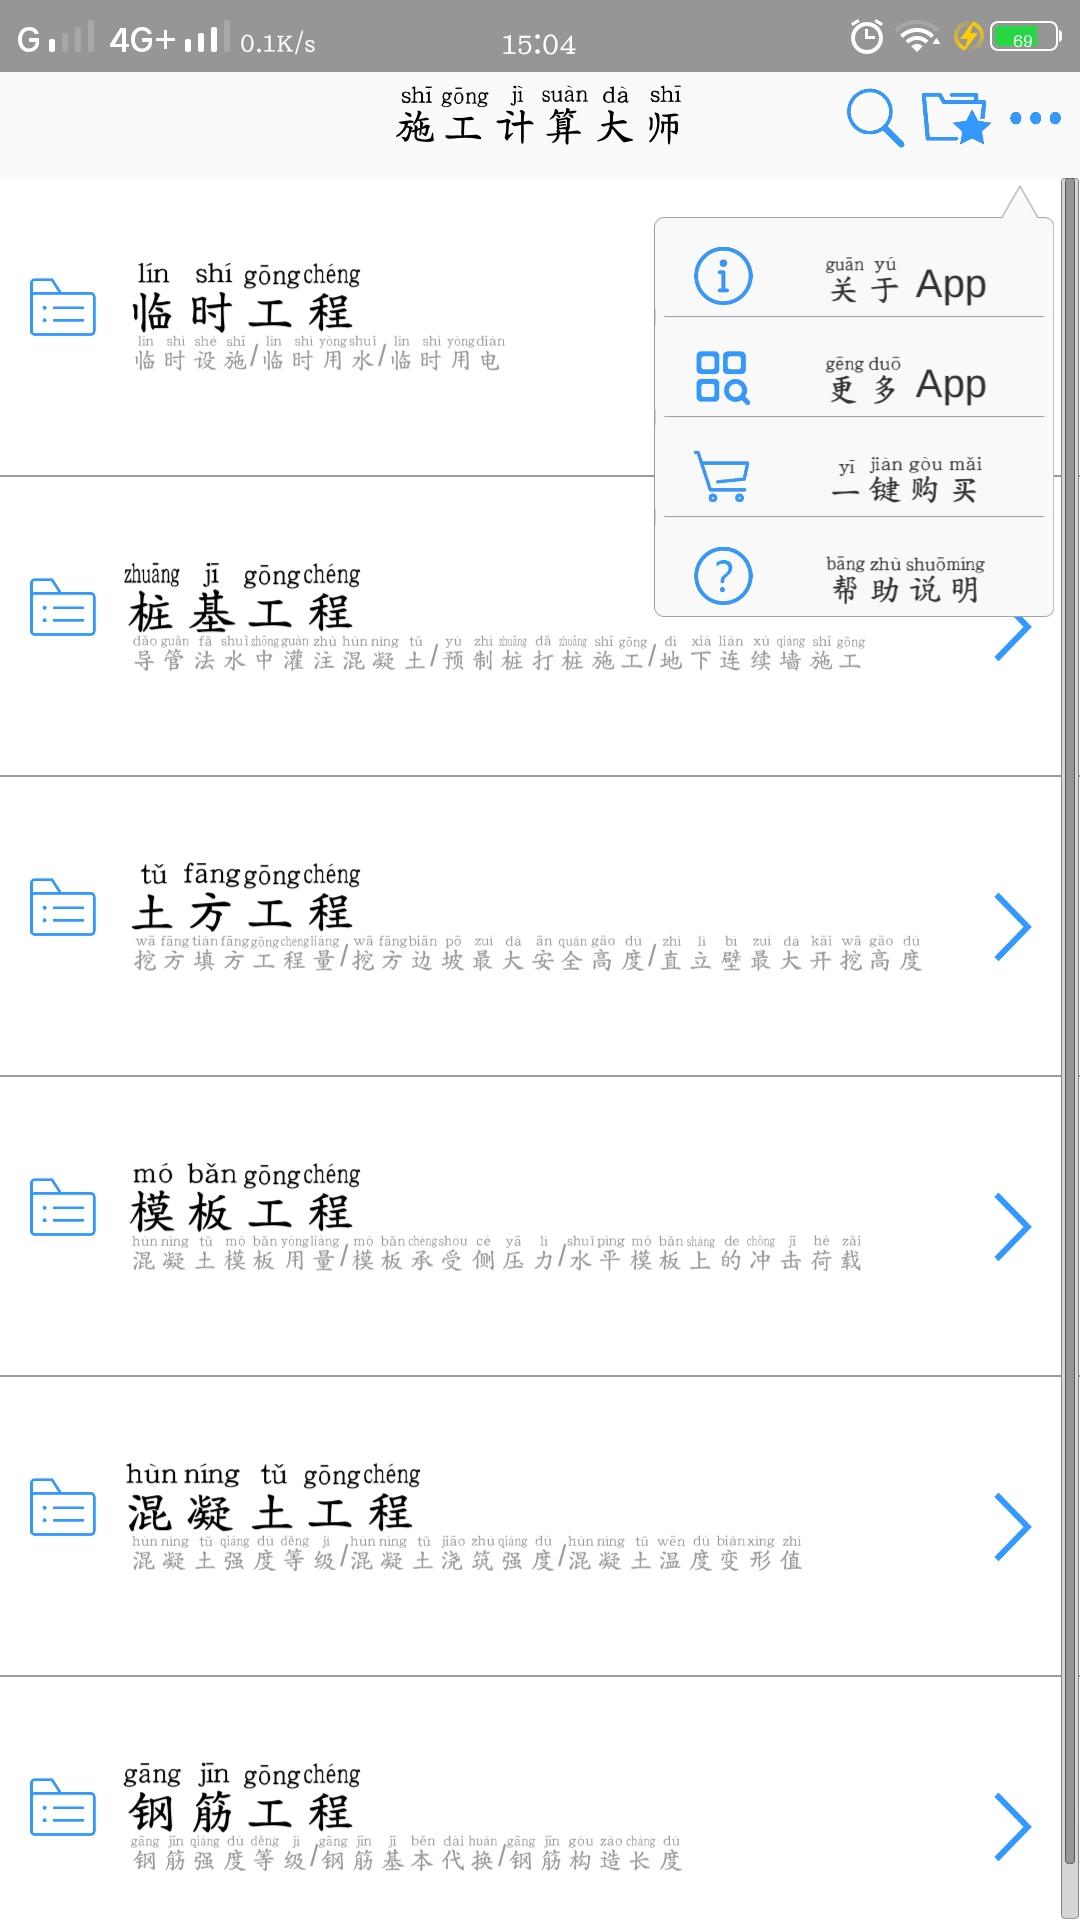 Screenshot_20180810_150401.jpg